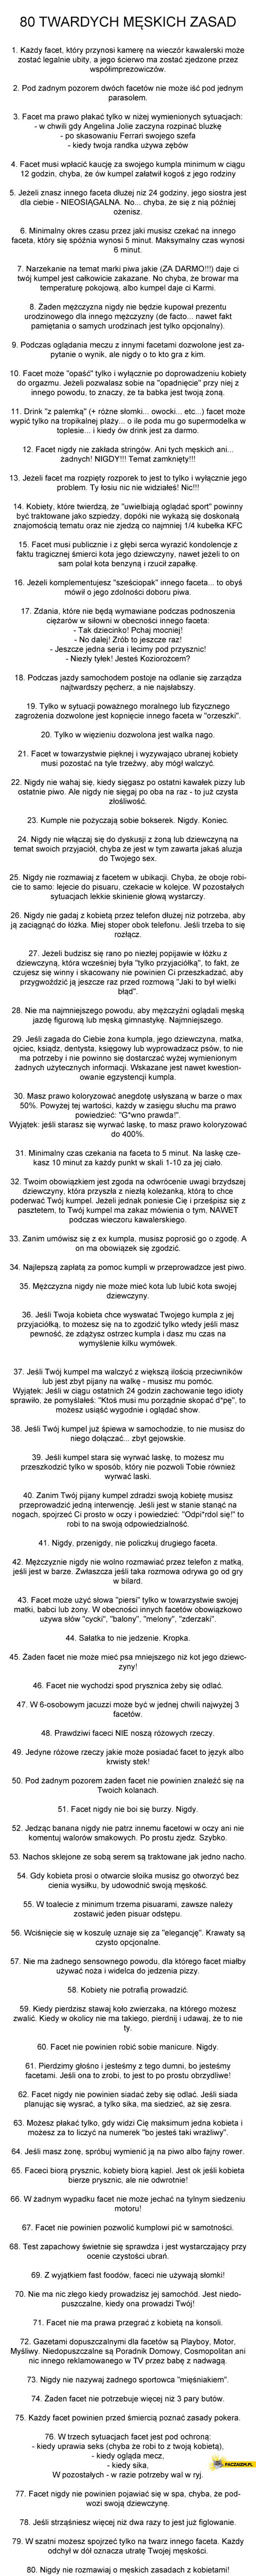 80 twardych męskich zasad